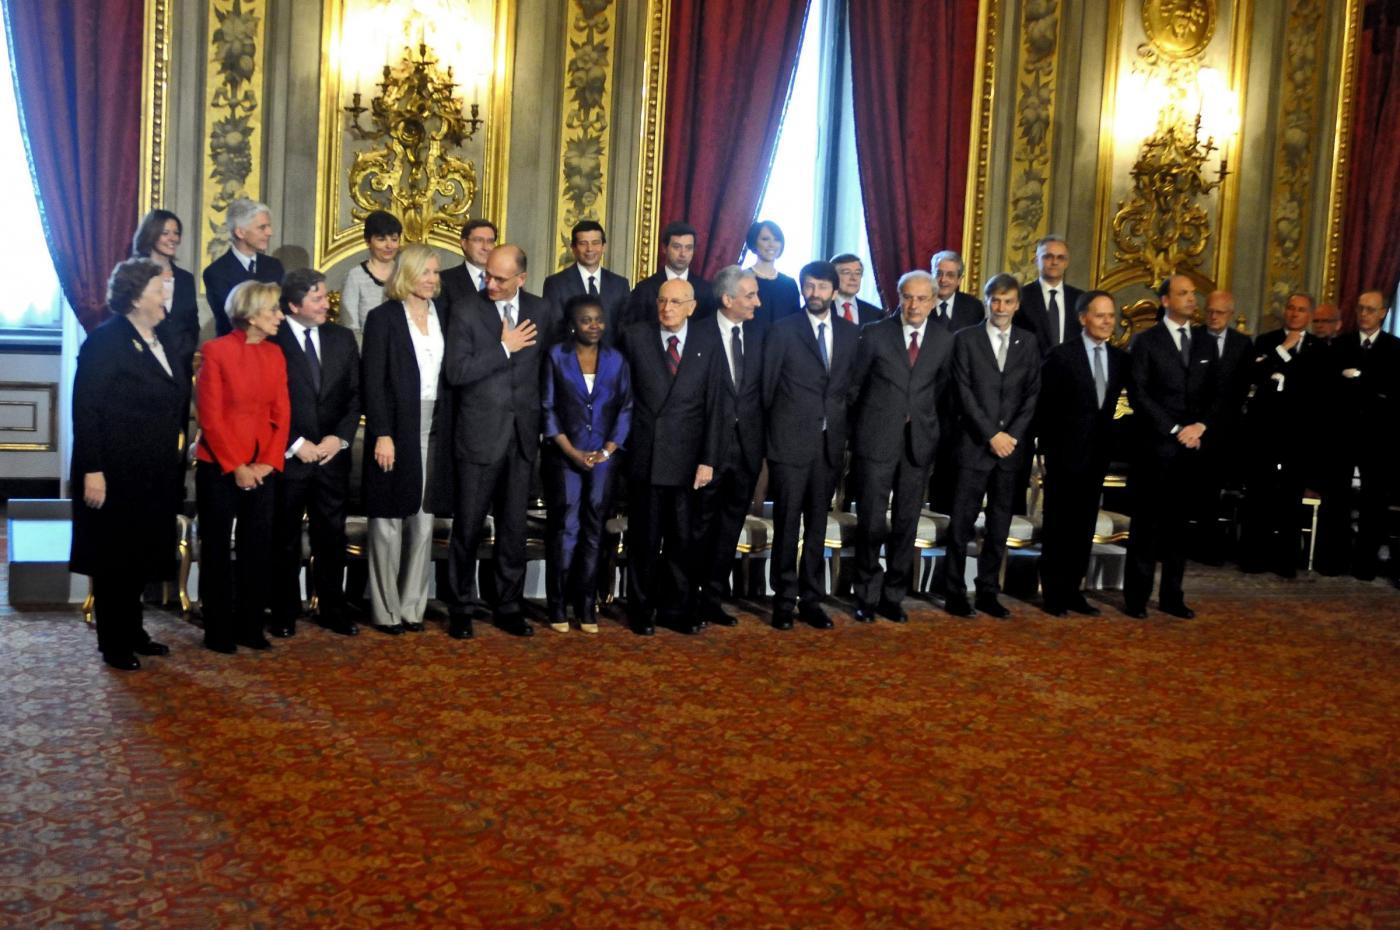 Quirinale, Giuramento del nuovo Presidente del Consiglio. Enrico Letta